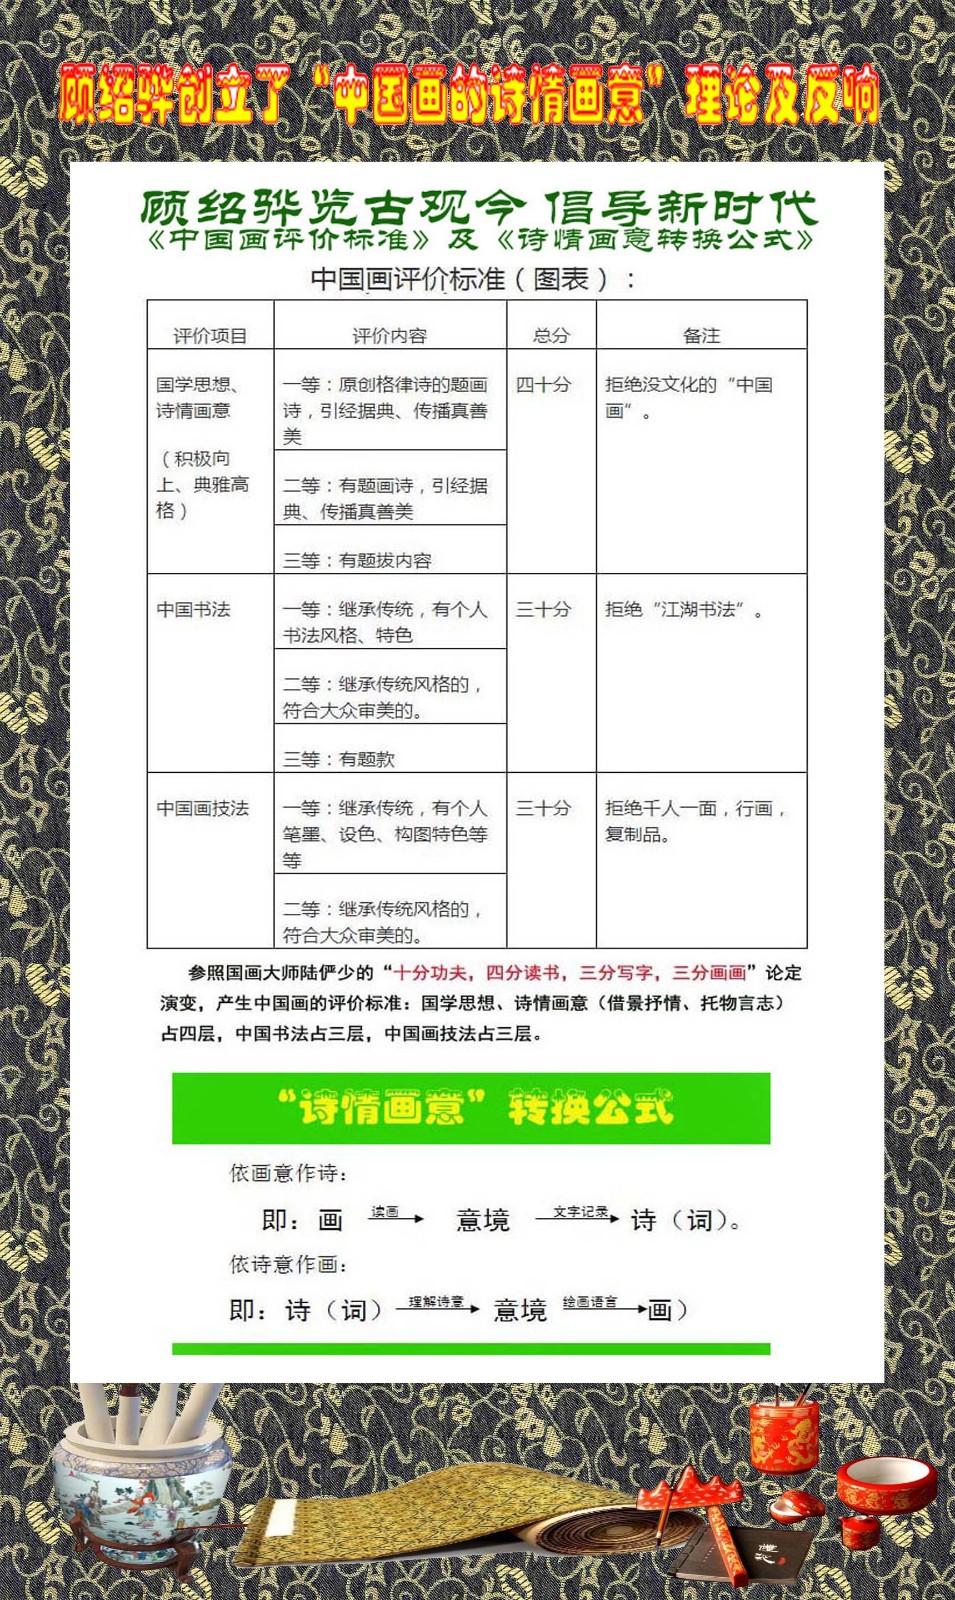 顾绍骅在中国画方面作出的一点贡献_图1-3